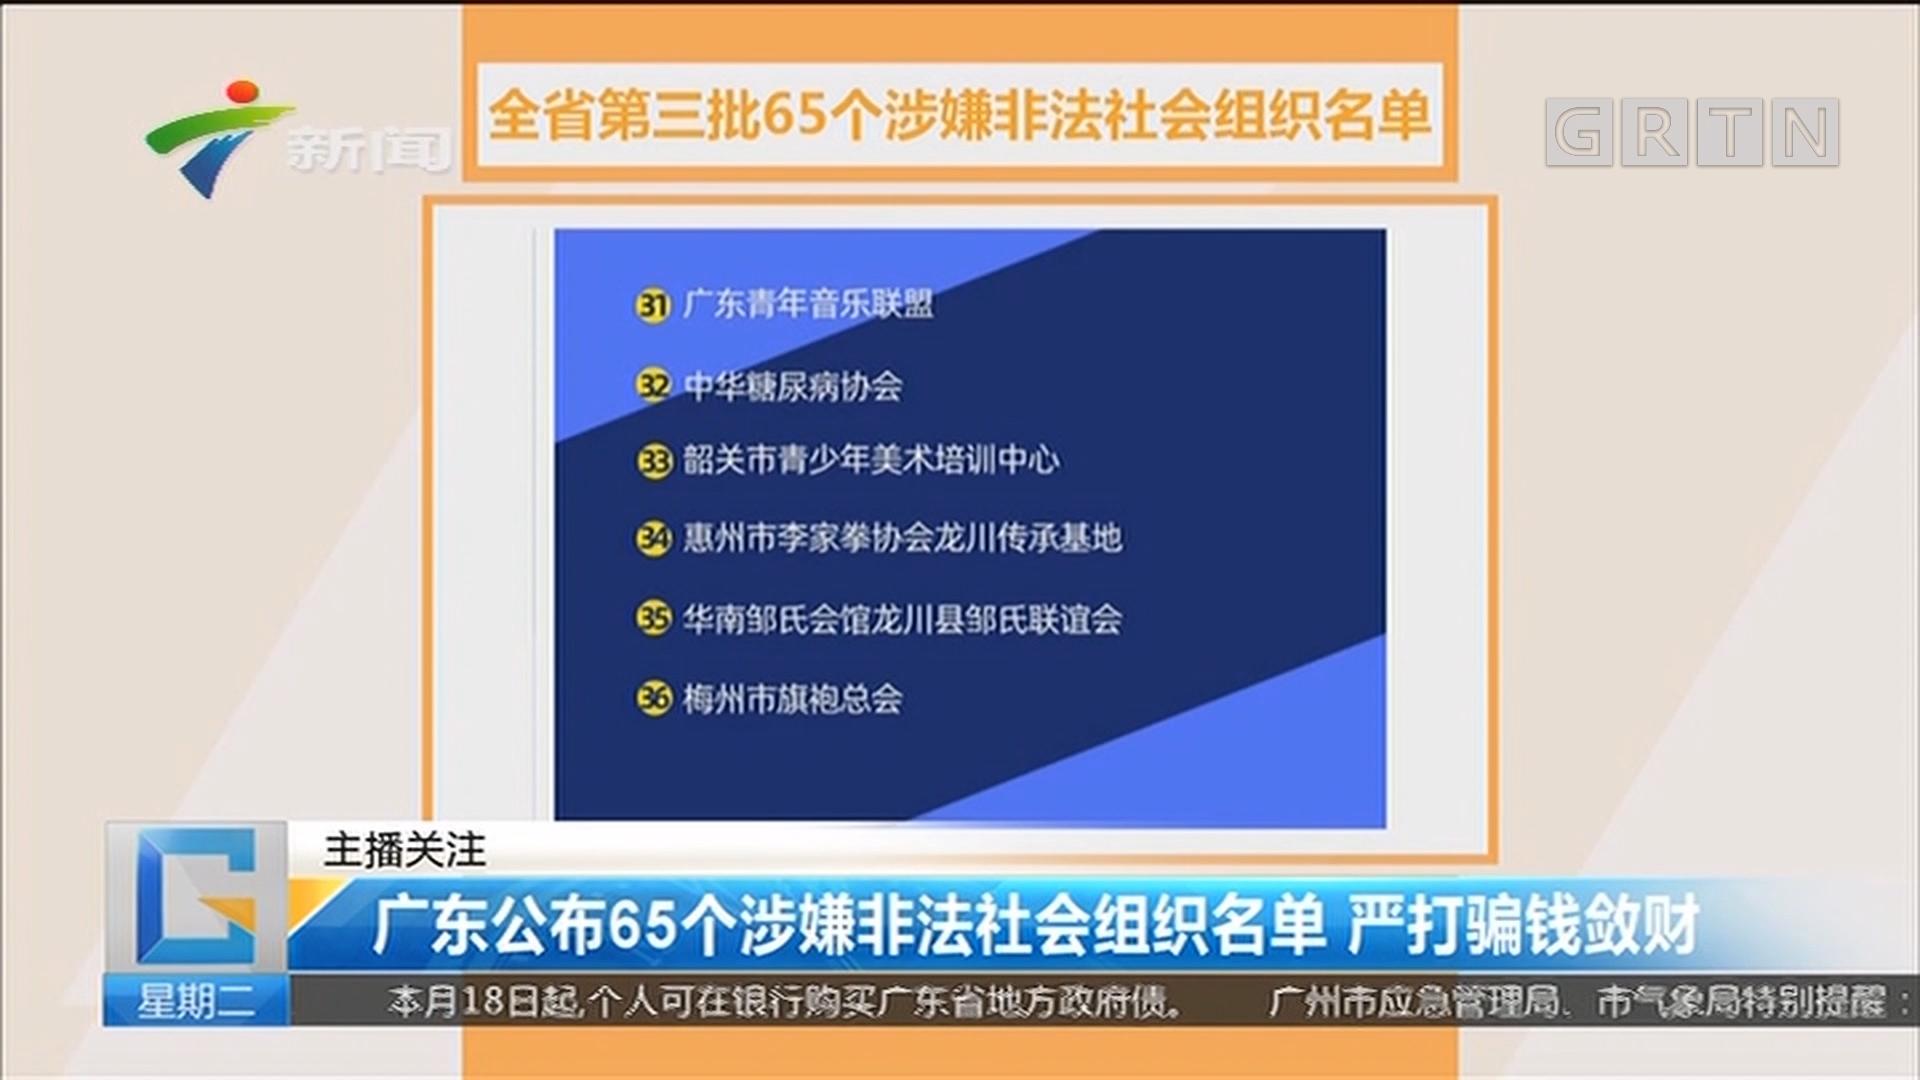 广东公布65个涉嫌非法社会组织名单 严打骗钱敛财